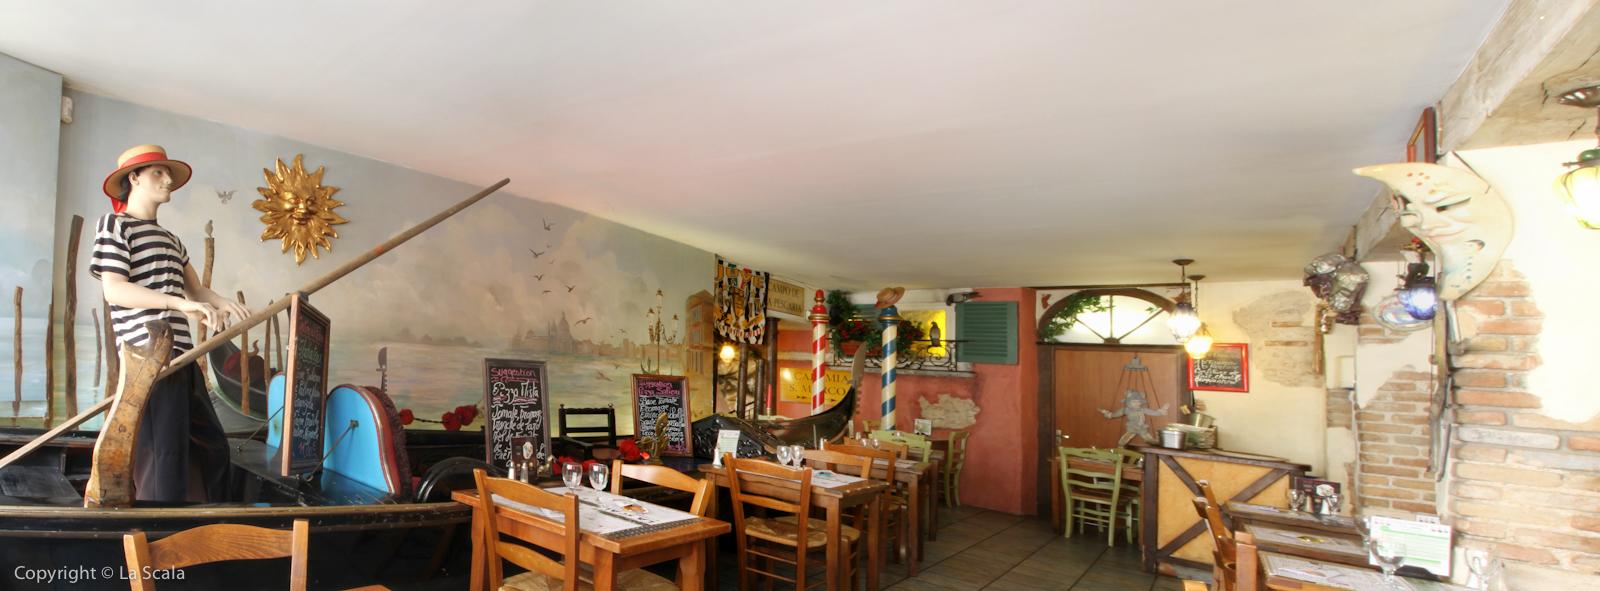 restaurant ouvert tard rouen